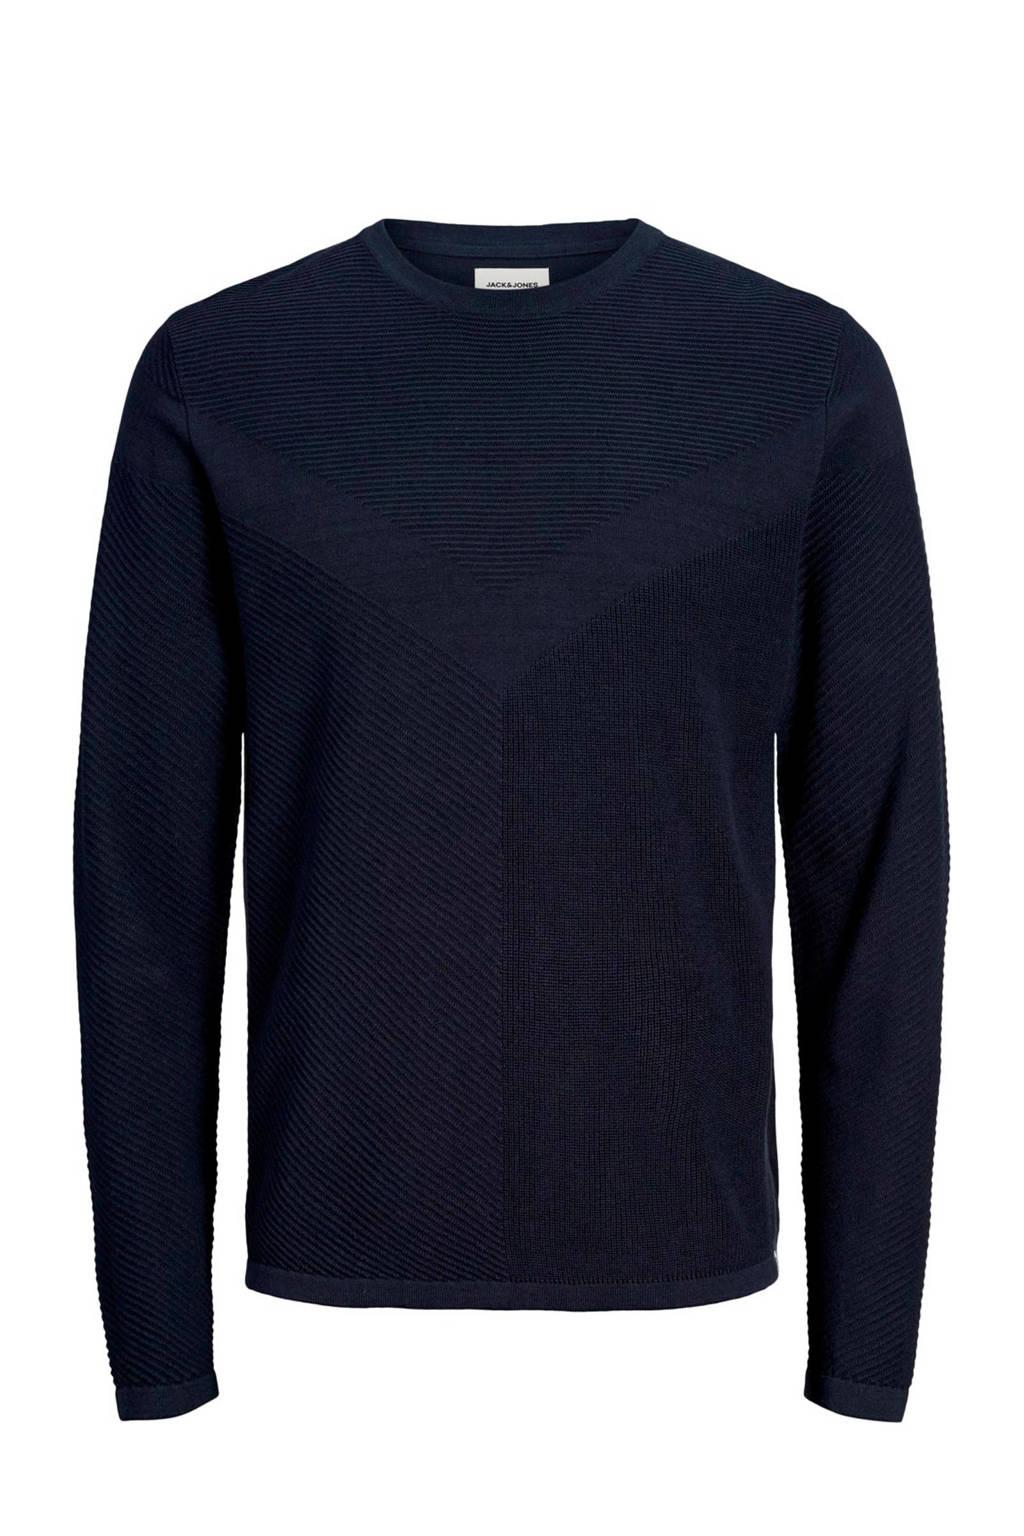 JACK & JONES CORE trui donkerblauw, Donkerblauw